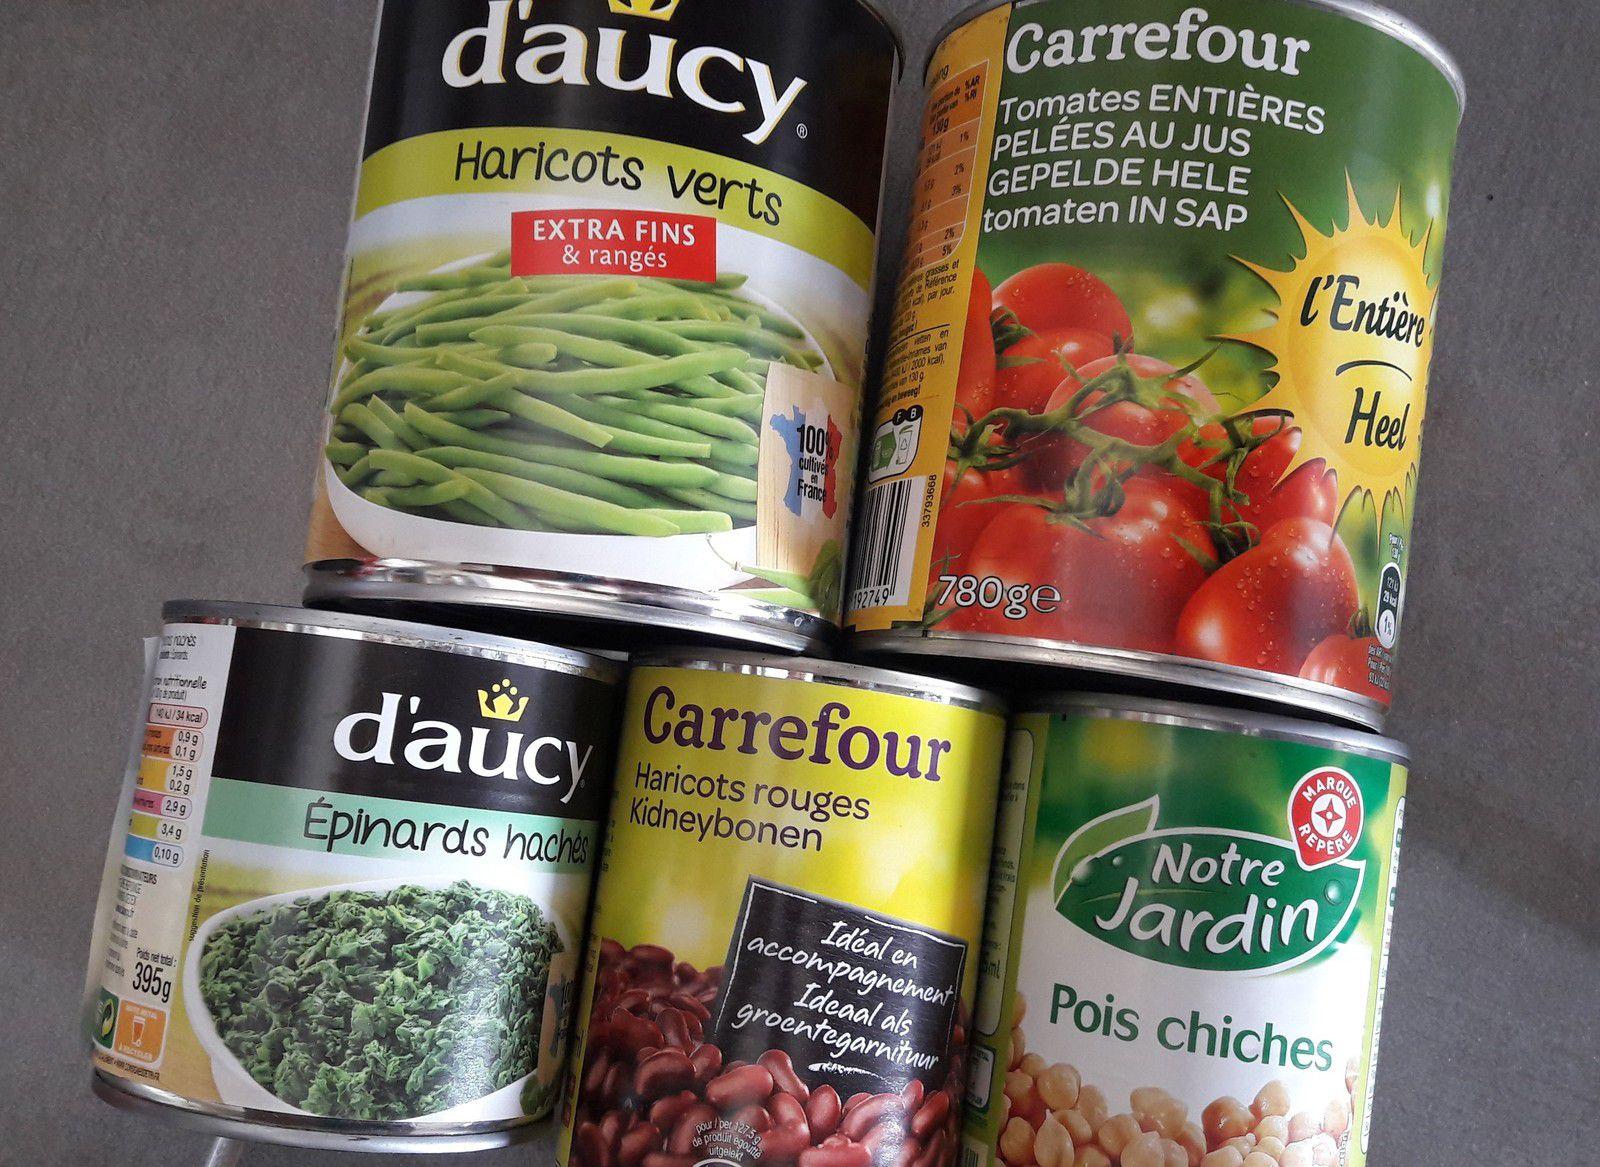 ... 6 astuces pour des soupes maison express: j'ai pas le temps!